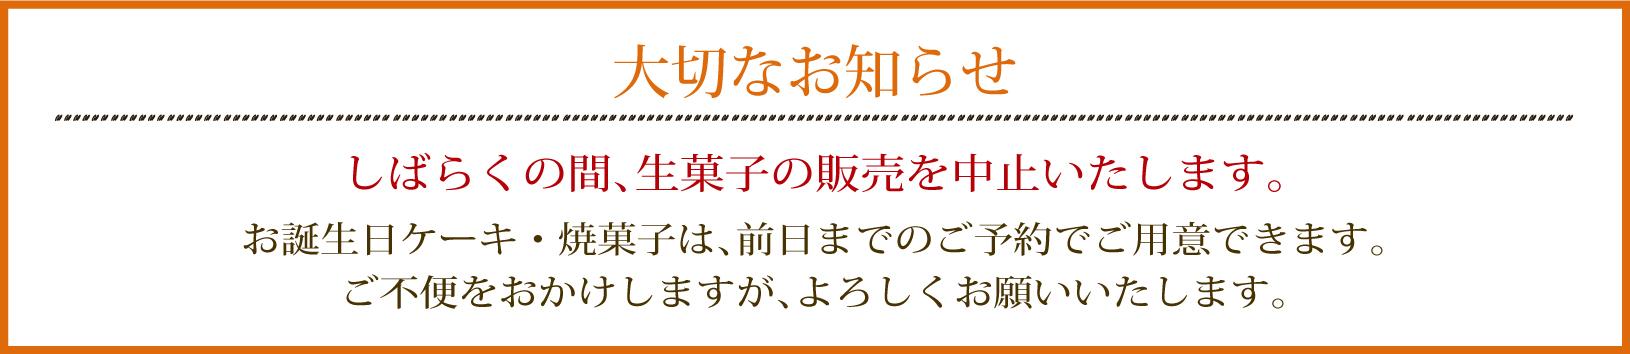 フレーズ洋菓子店 大切なお知らせ